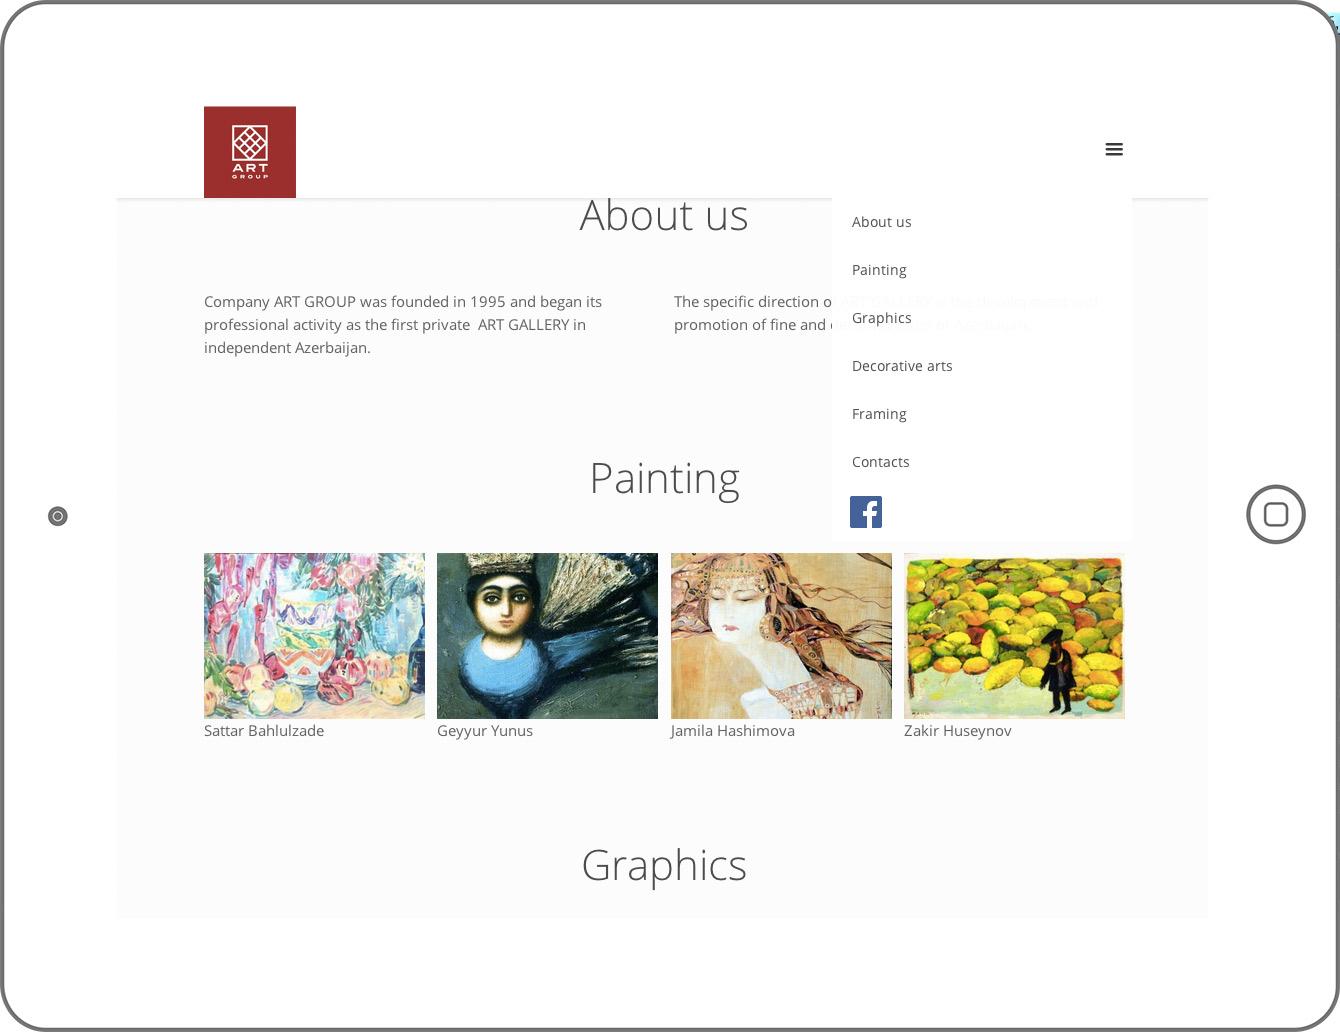 art gallery на ipad в горизонтальной ориентации